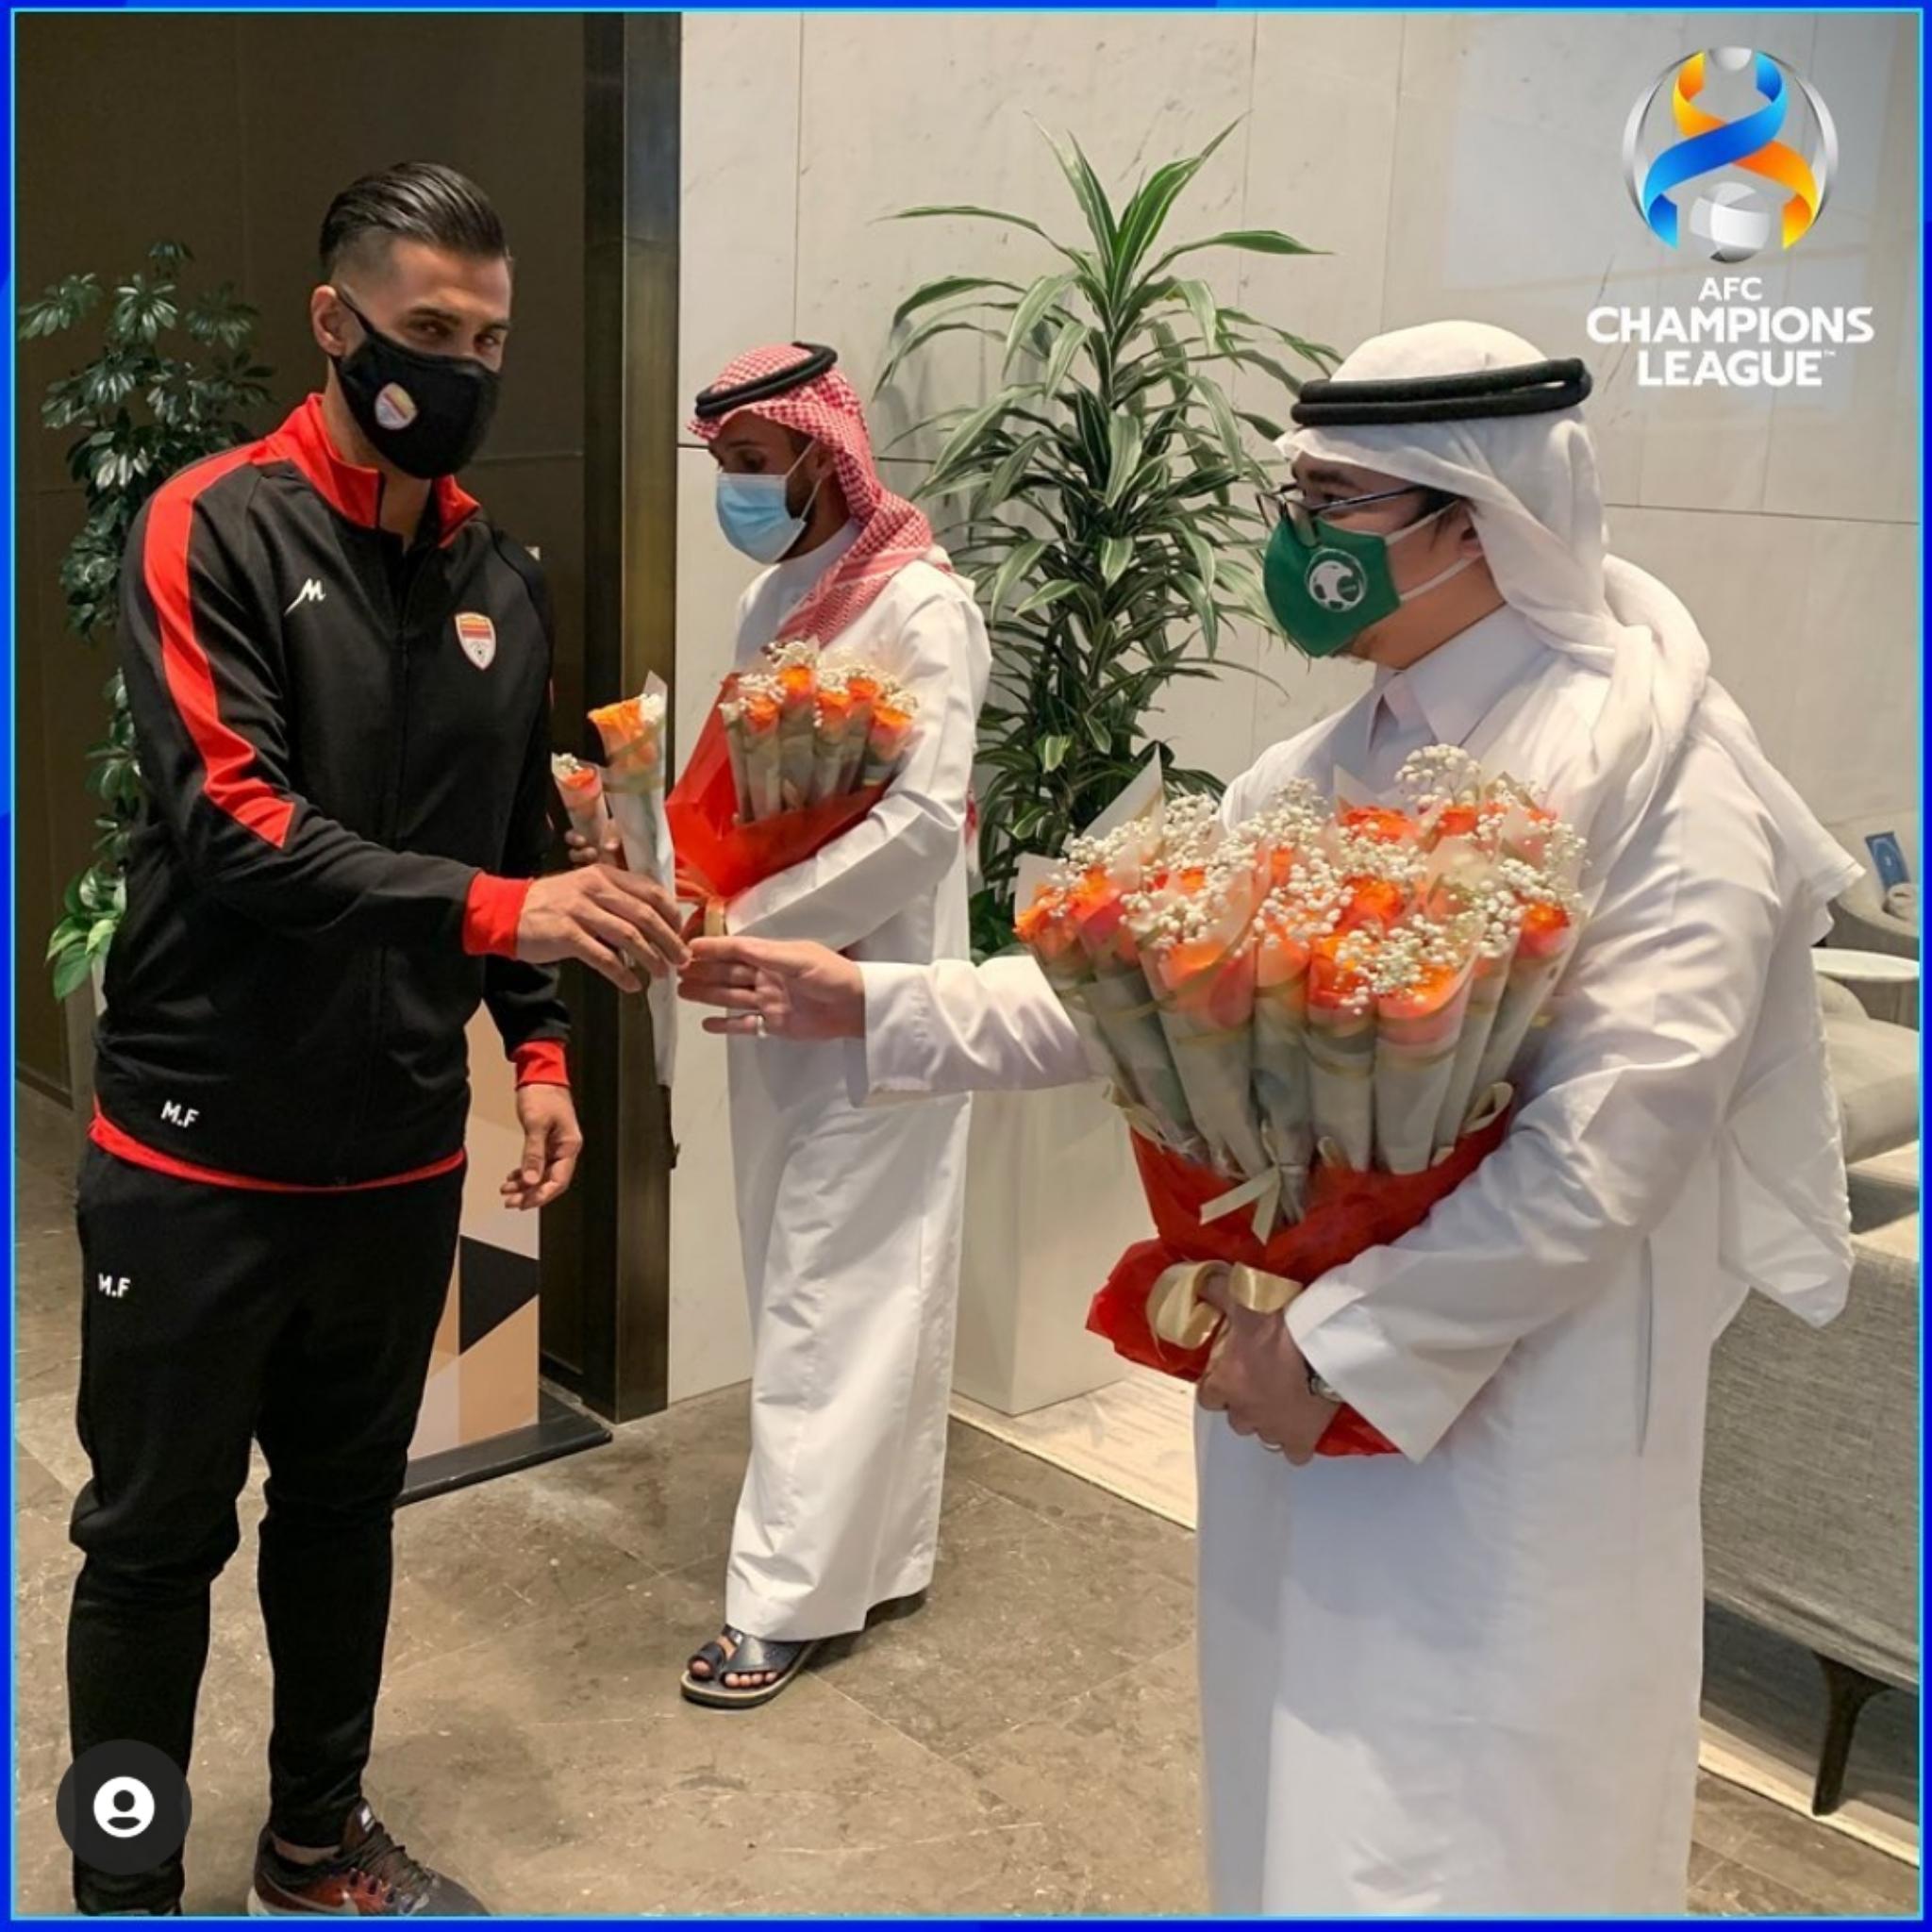 استقبال گرم سعودی ها از تیم ایرانی در فرودگاه